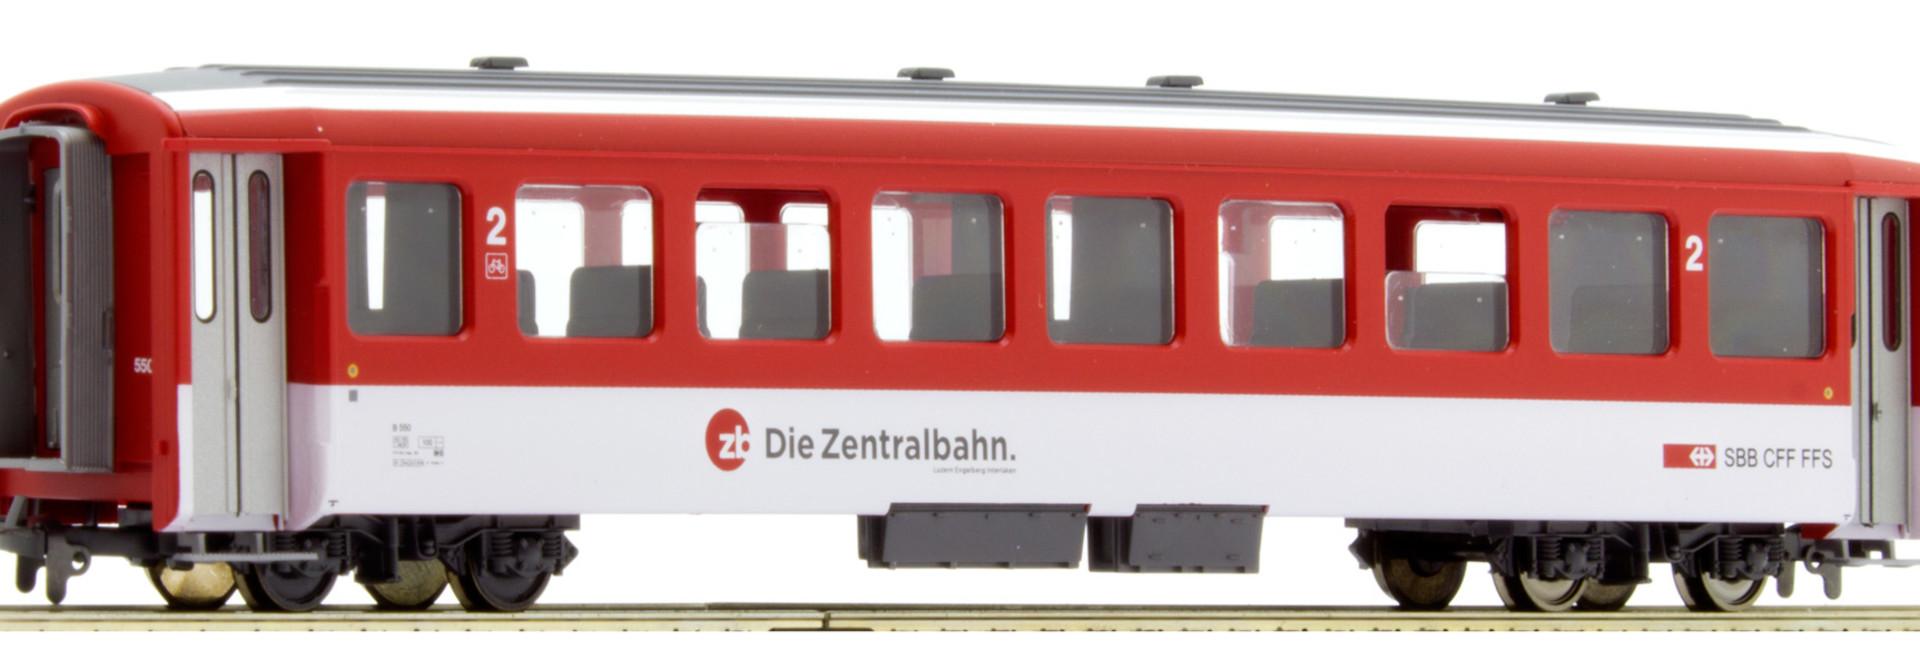 3266470 zb B 550 Verstärkungswagen ex LSE